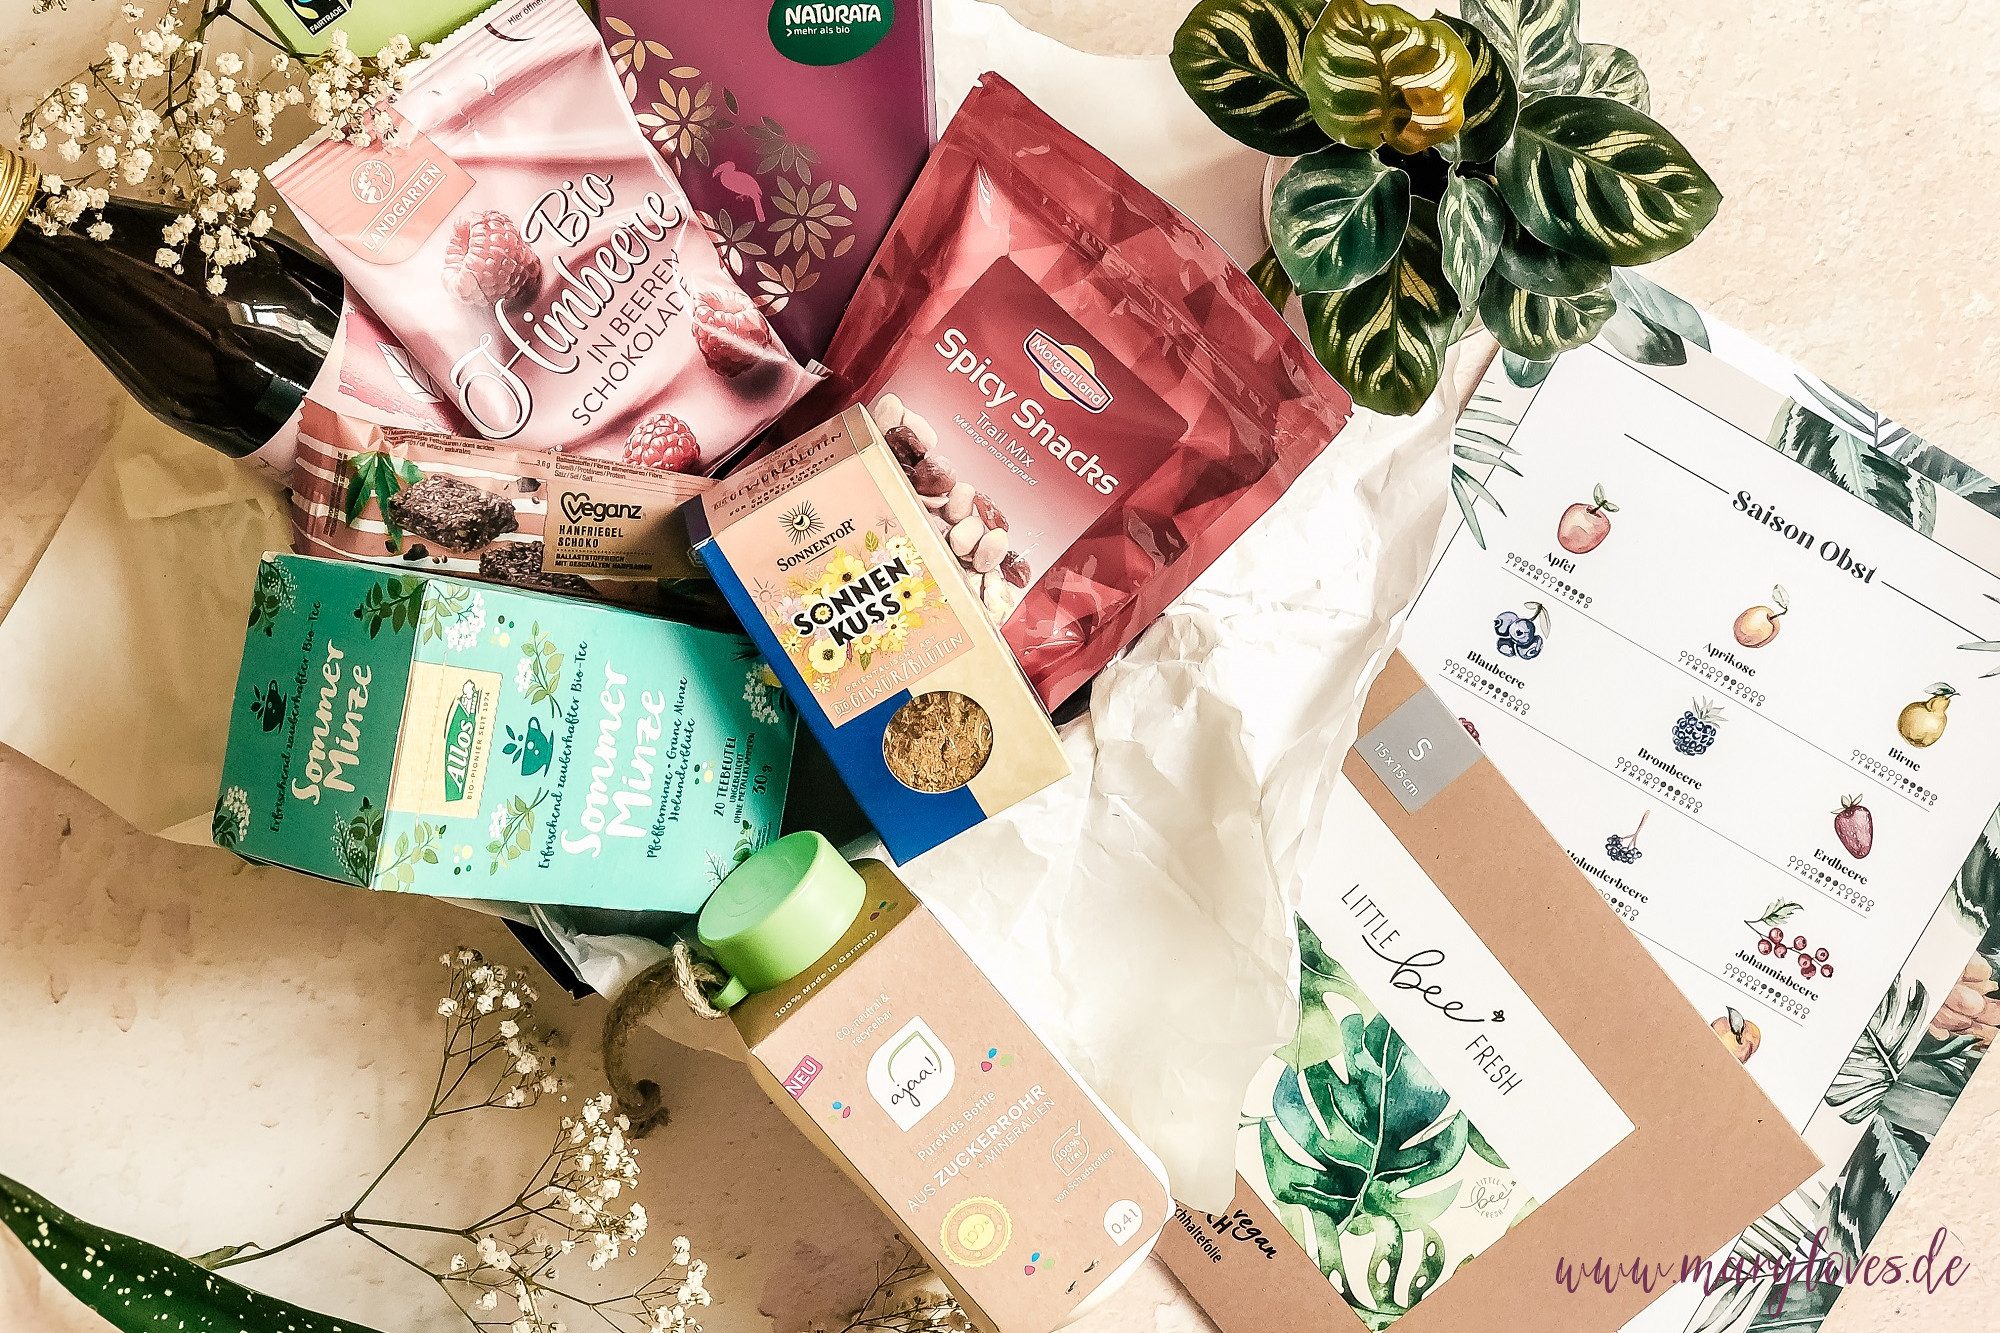 Bloggeburtstagsgewinnspiel: Gewinnt ein sommerliches Bio-Paket